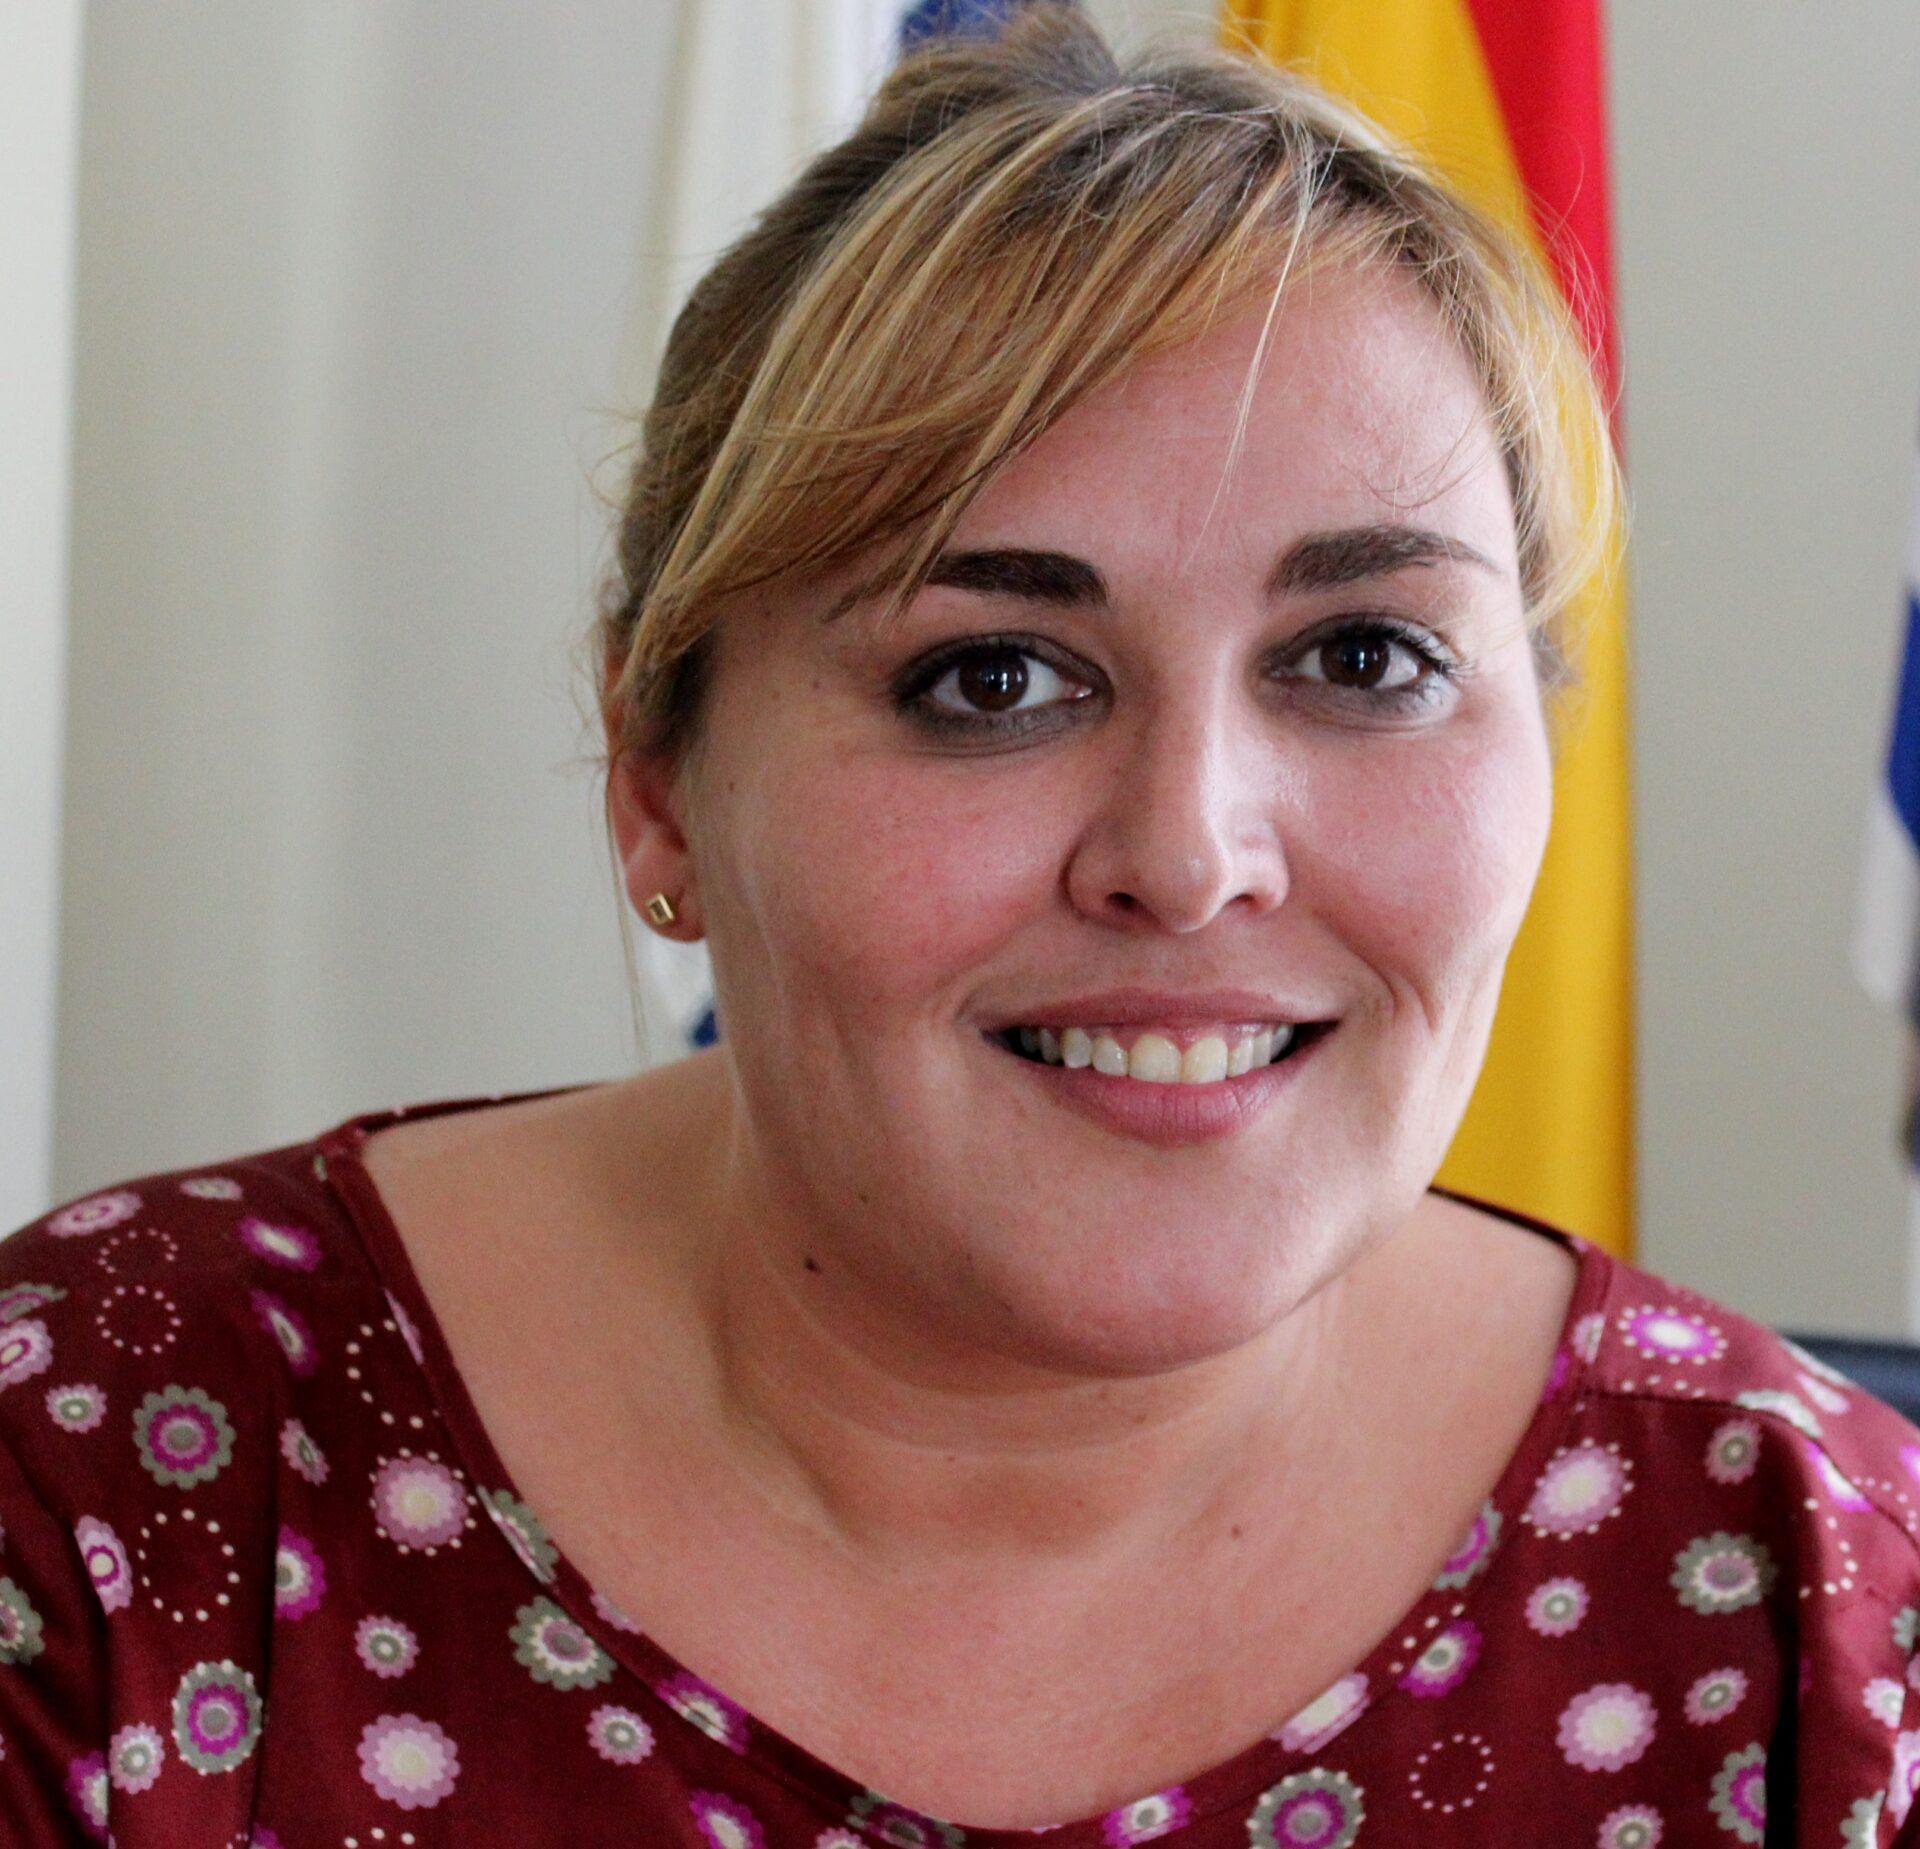 Liria-María-Falcón-Pérez